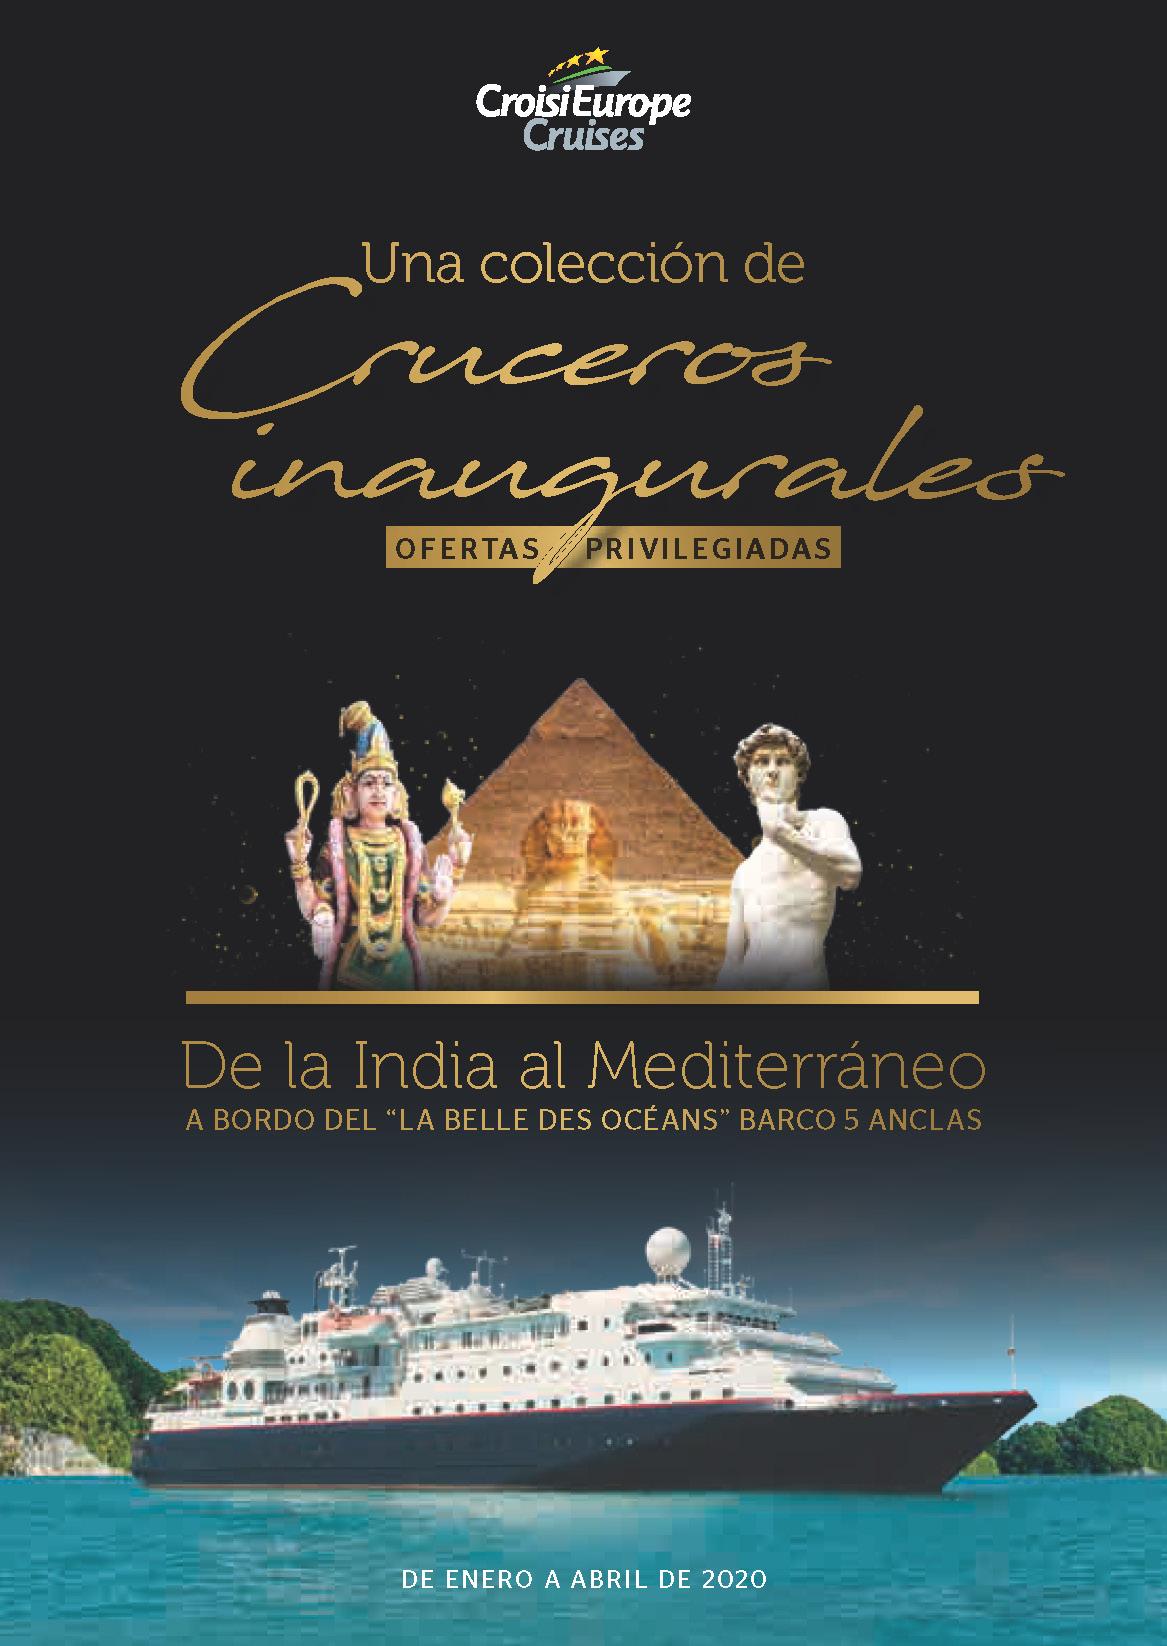 Catalogo CroisiEurope Cruceros Maritimos Invierno y Primavera 2020